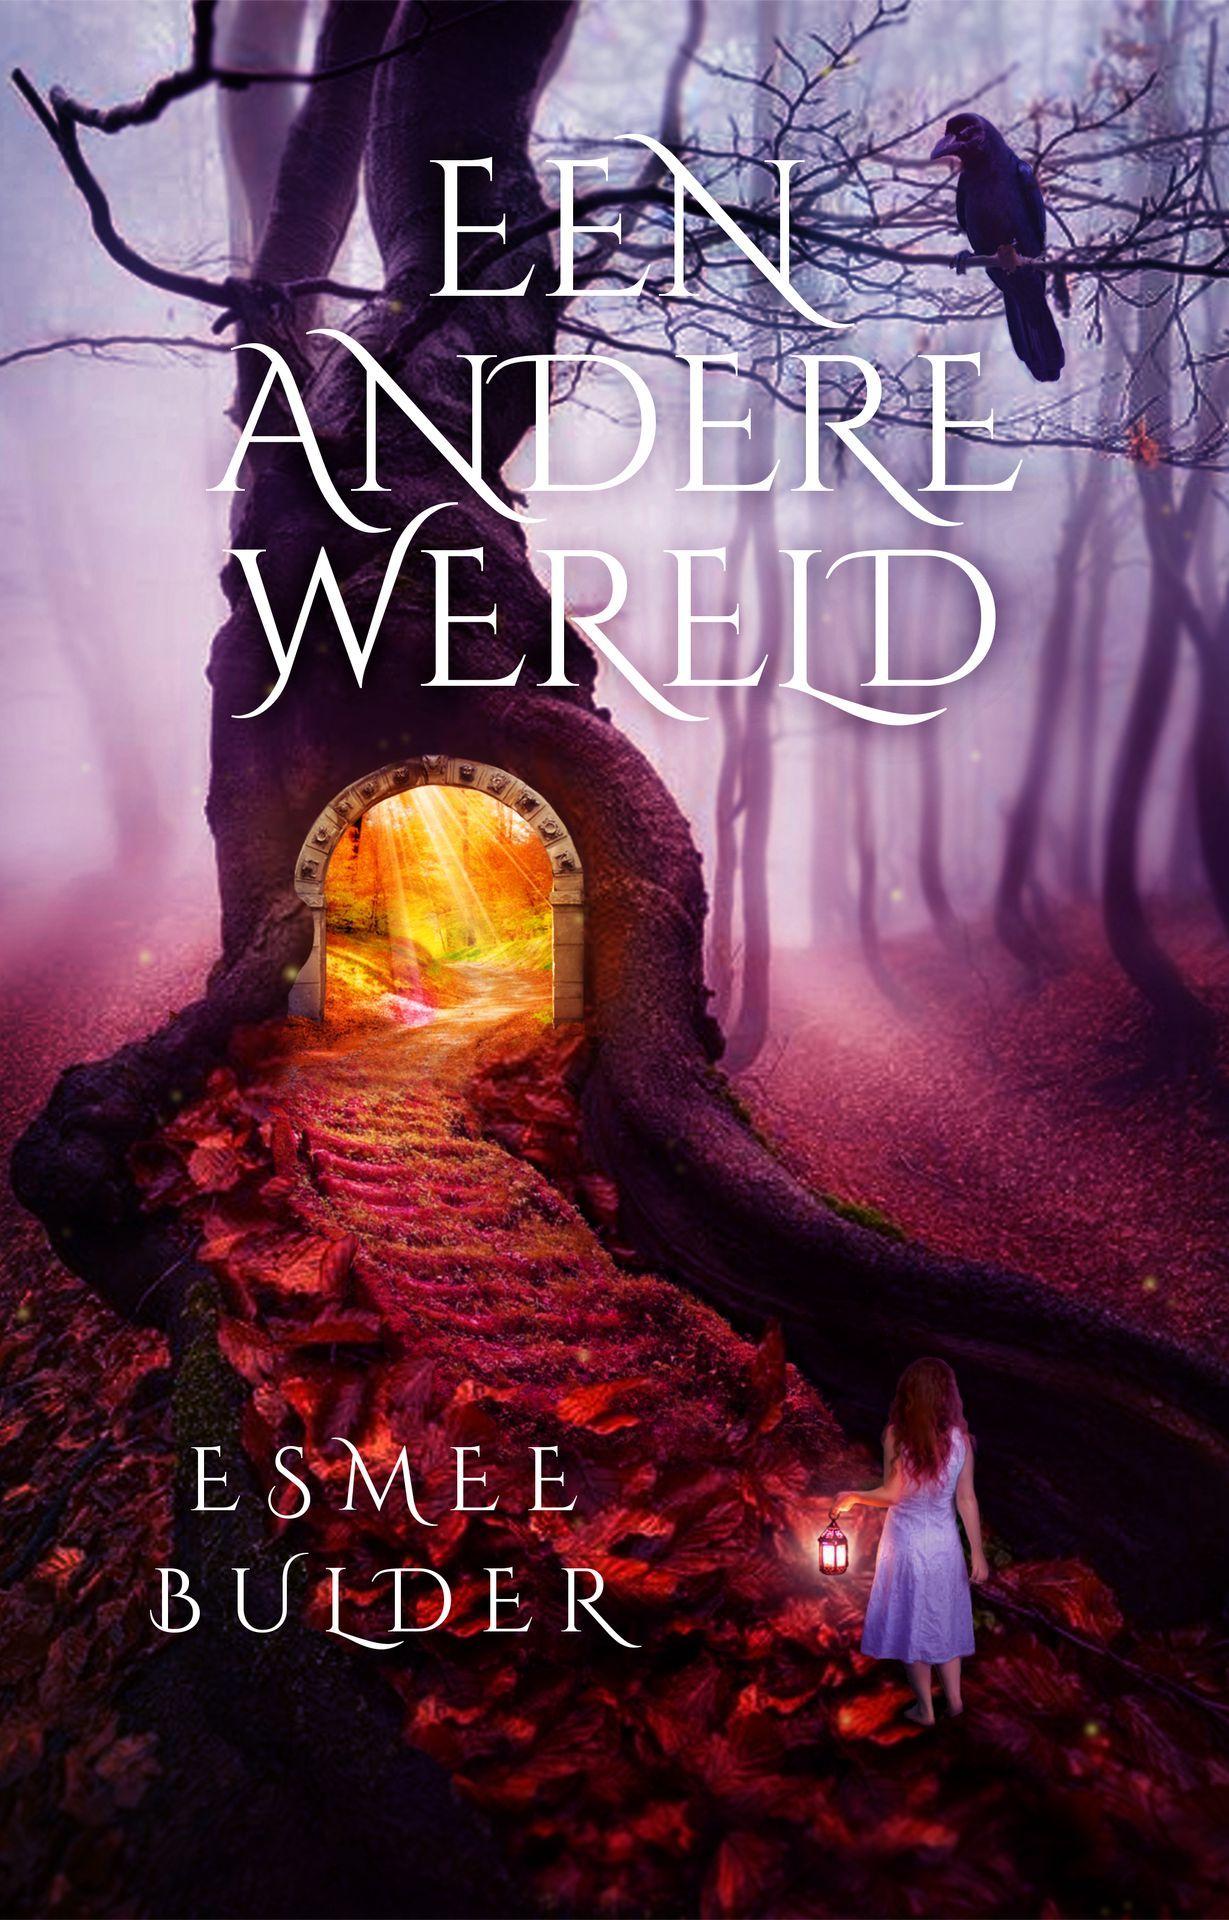 Dit is de cover gemaakt van mijn fotomanipulatie (dat kun je blijkbaar ook zo zeggen in het Nederlands